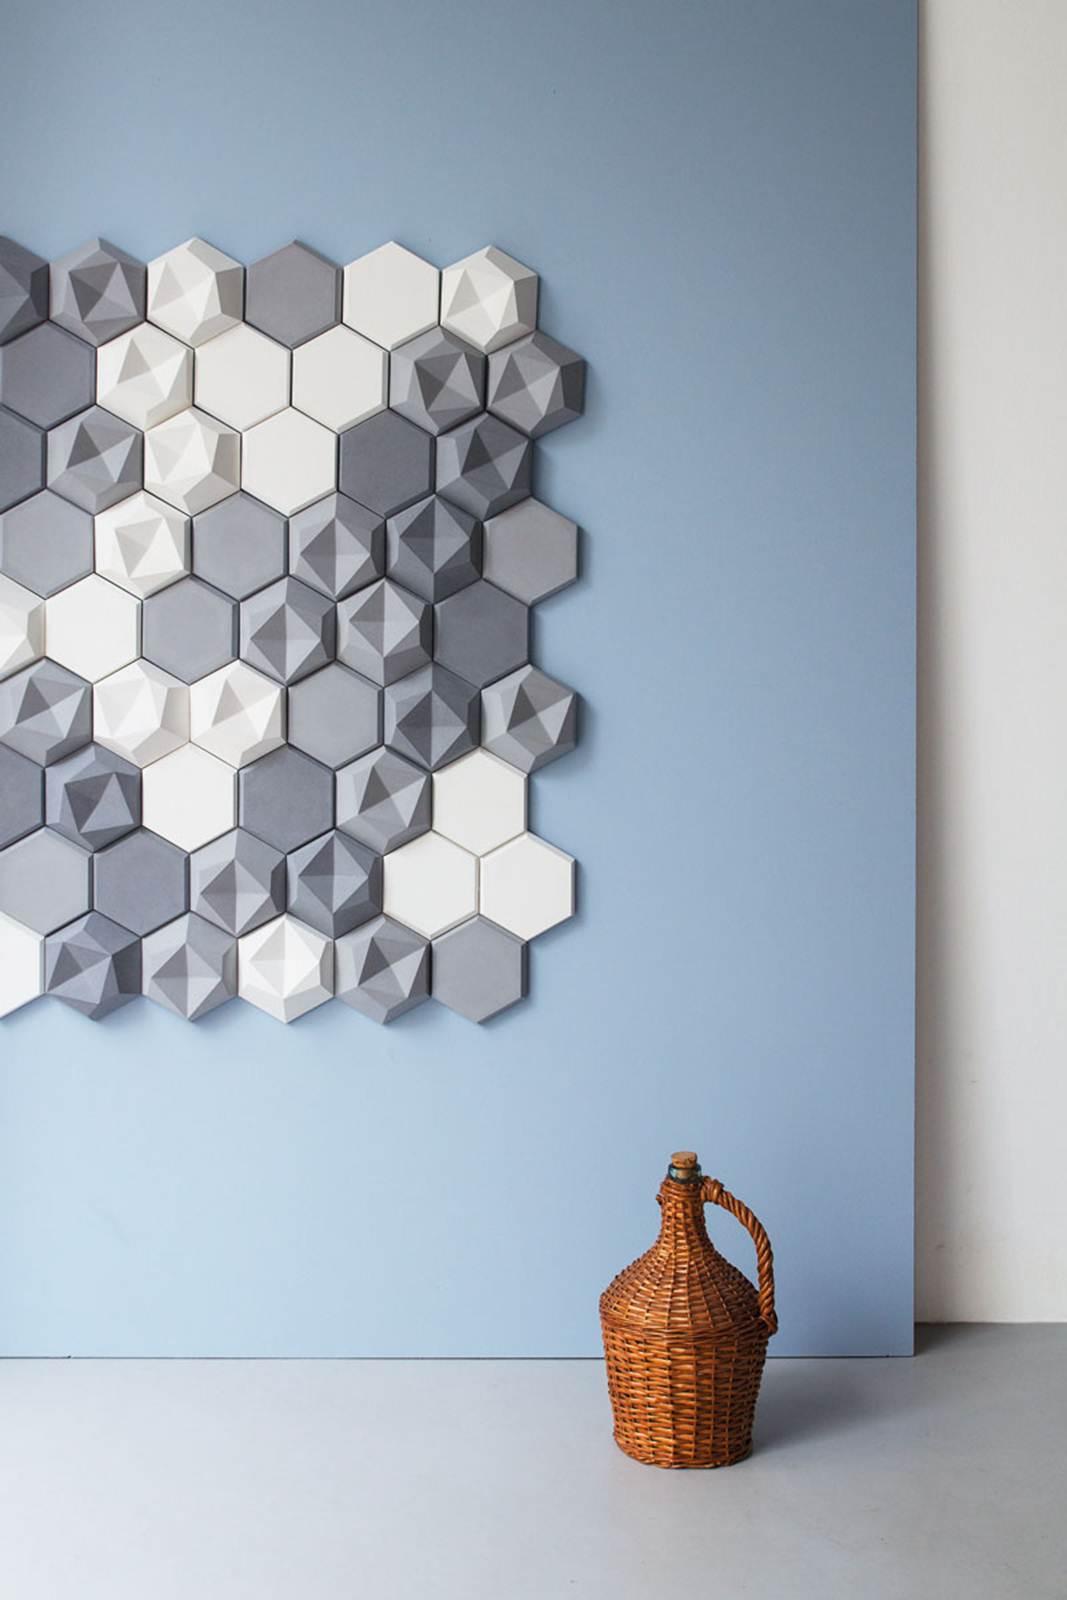 232551baoxaydung image010 Độc đáo gạch trang trí hình lục giác, ý tưởng thiết kế đặc biệt